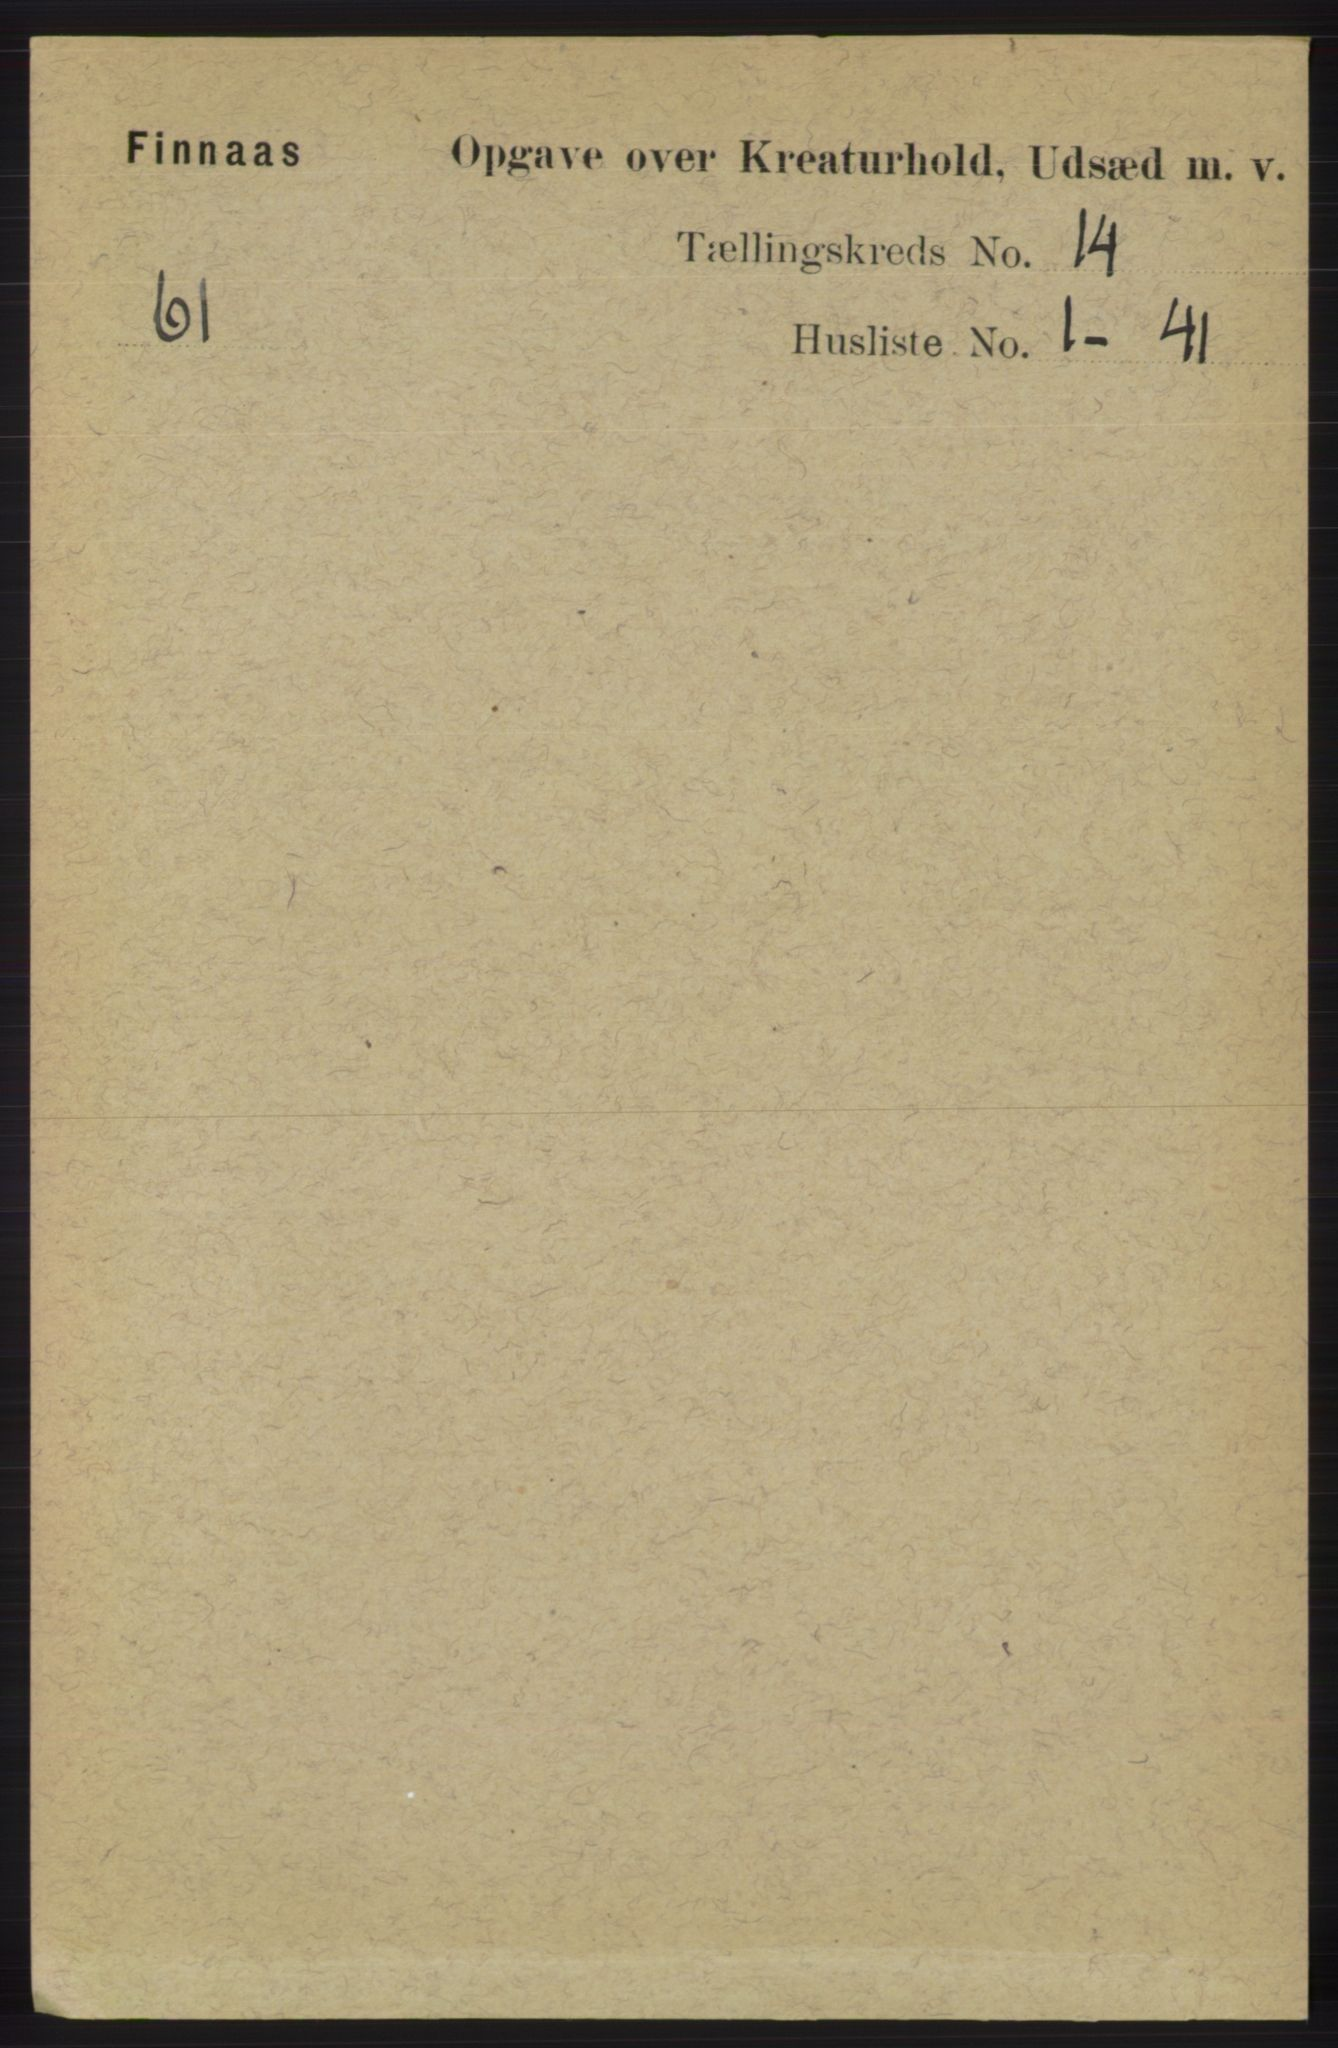 RA, Folketelling 1891 for 1218 Finnås herred, 1891, s. 7527